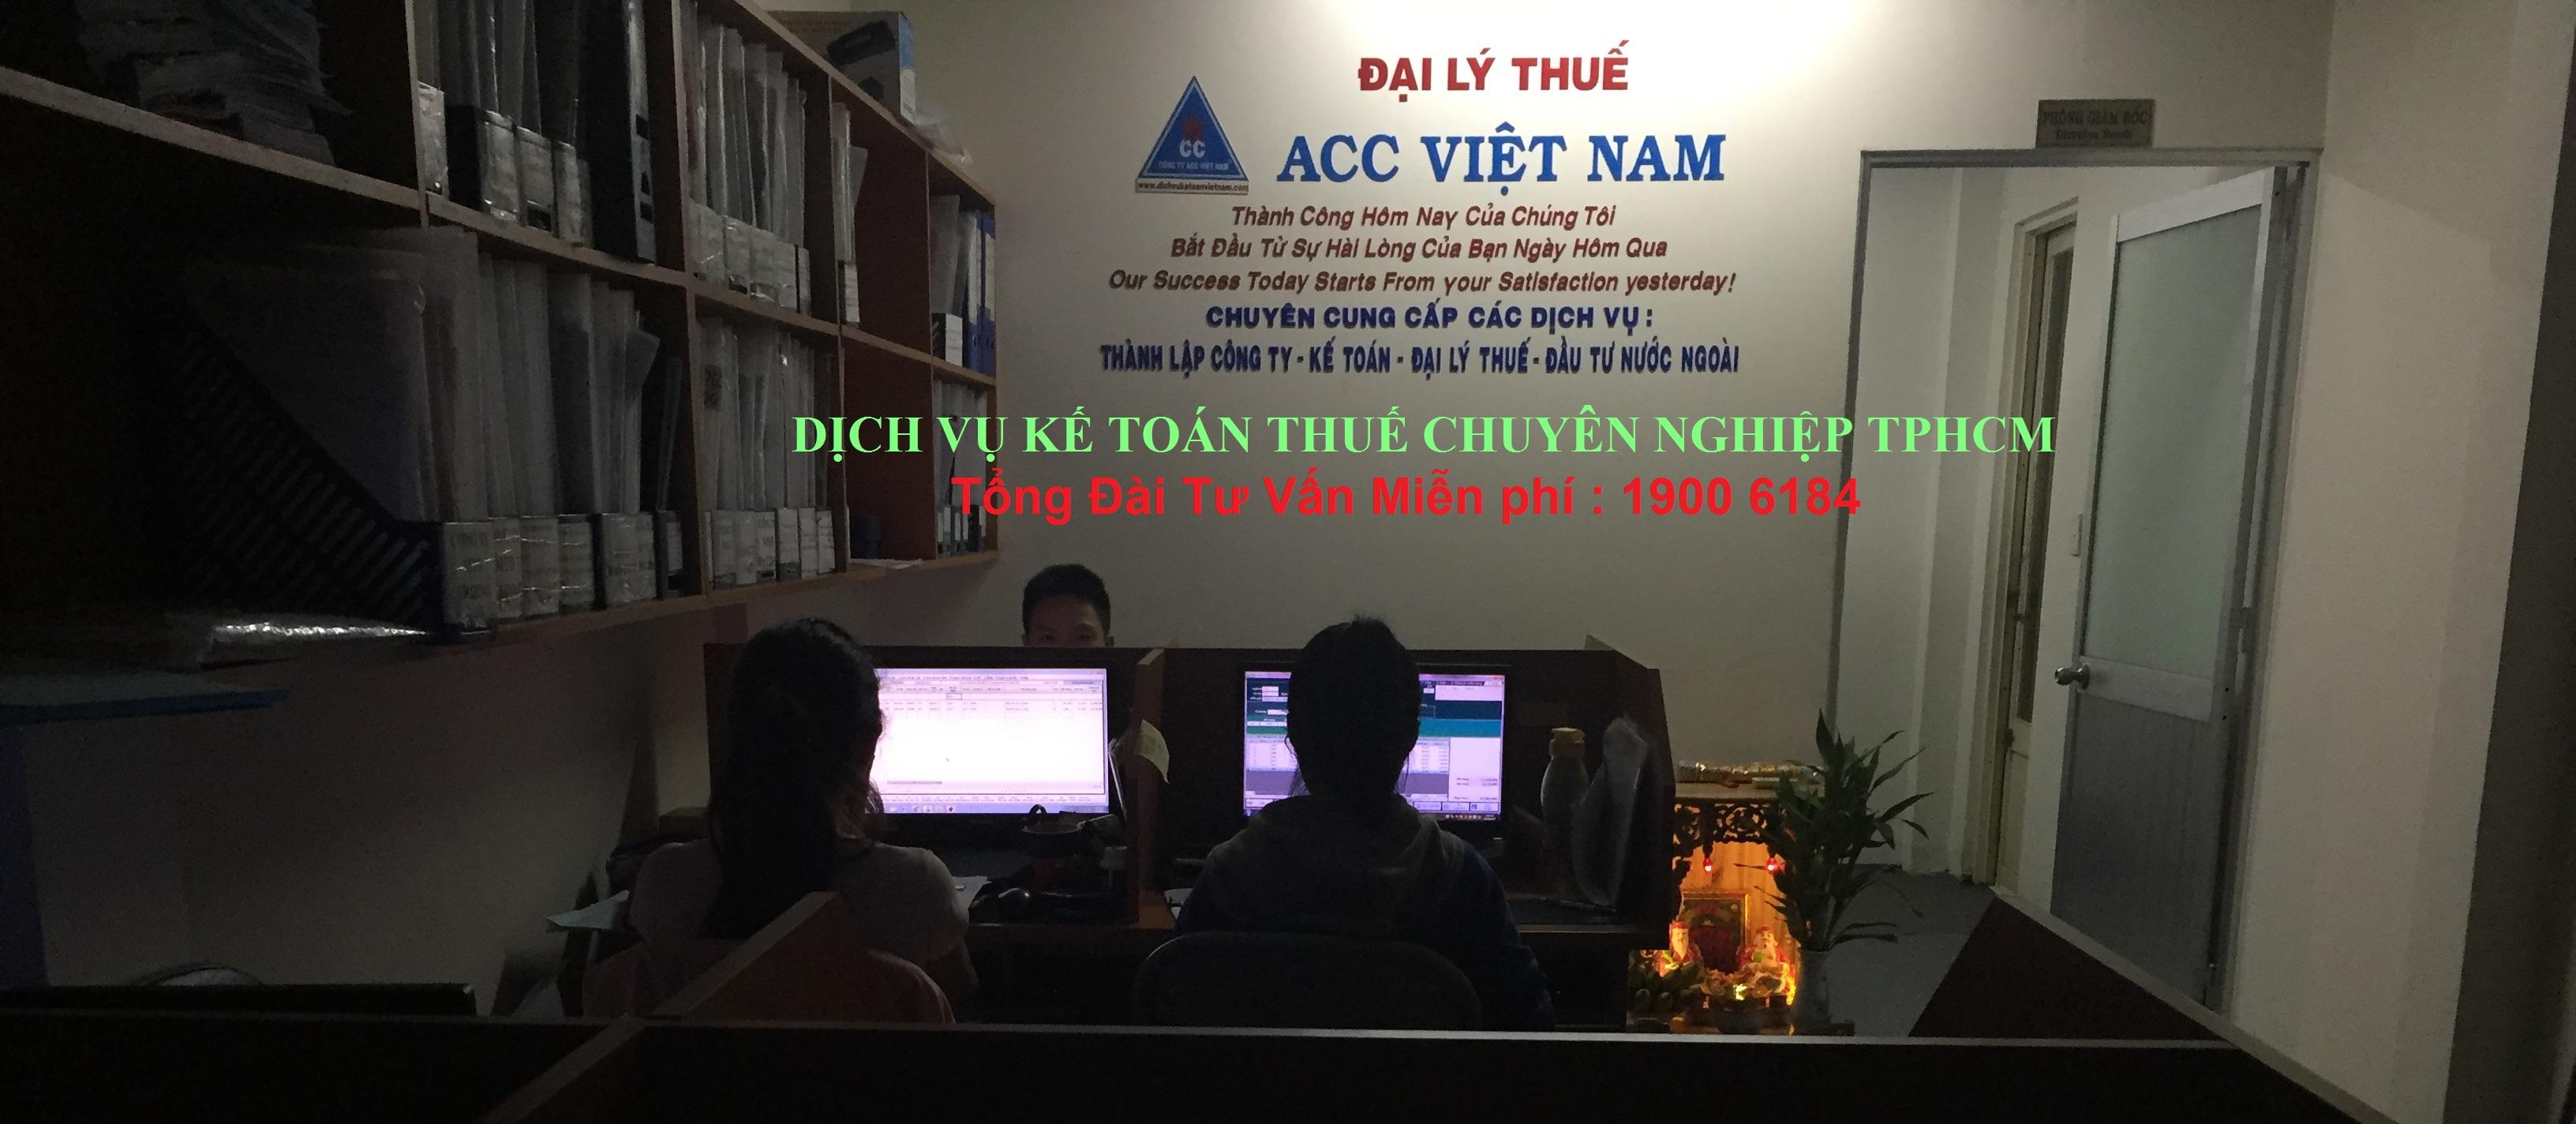 Dịch Vụ Kế Toán thuế chuyên nghiệp TPHCM